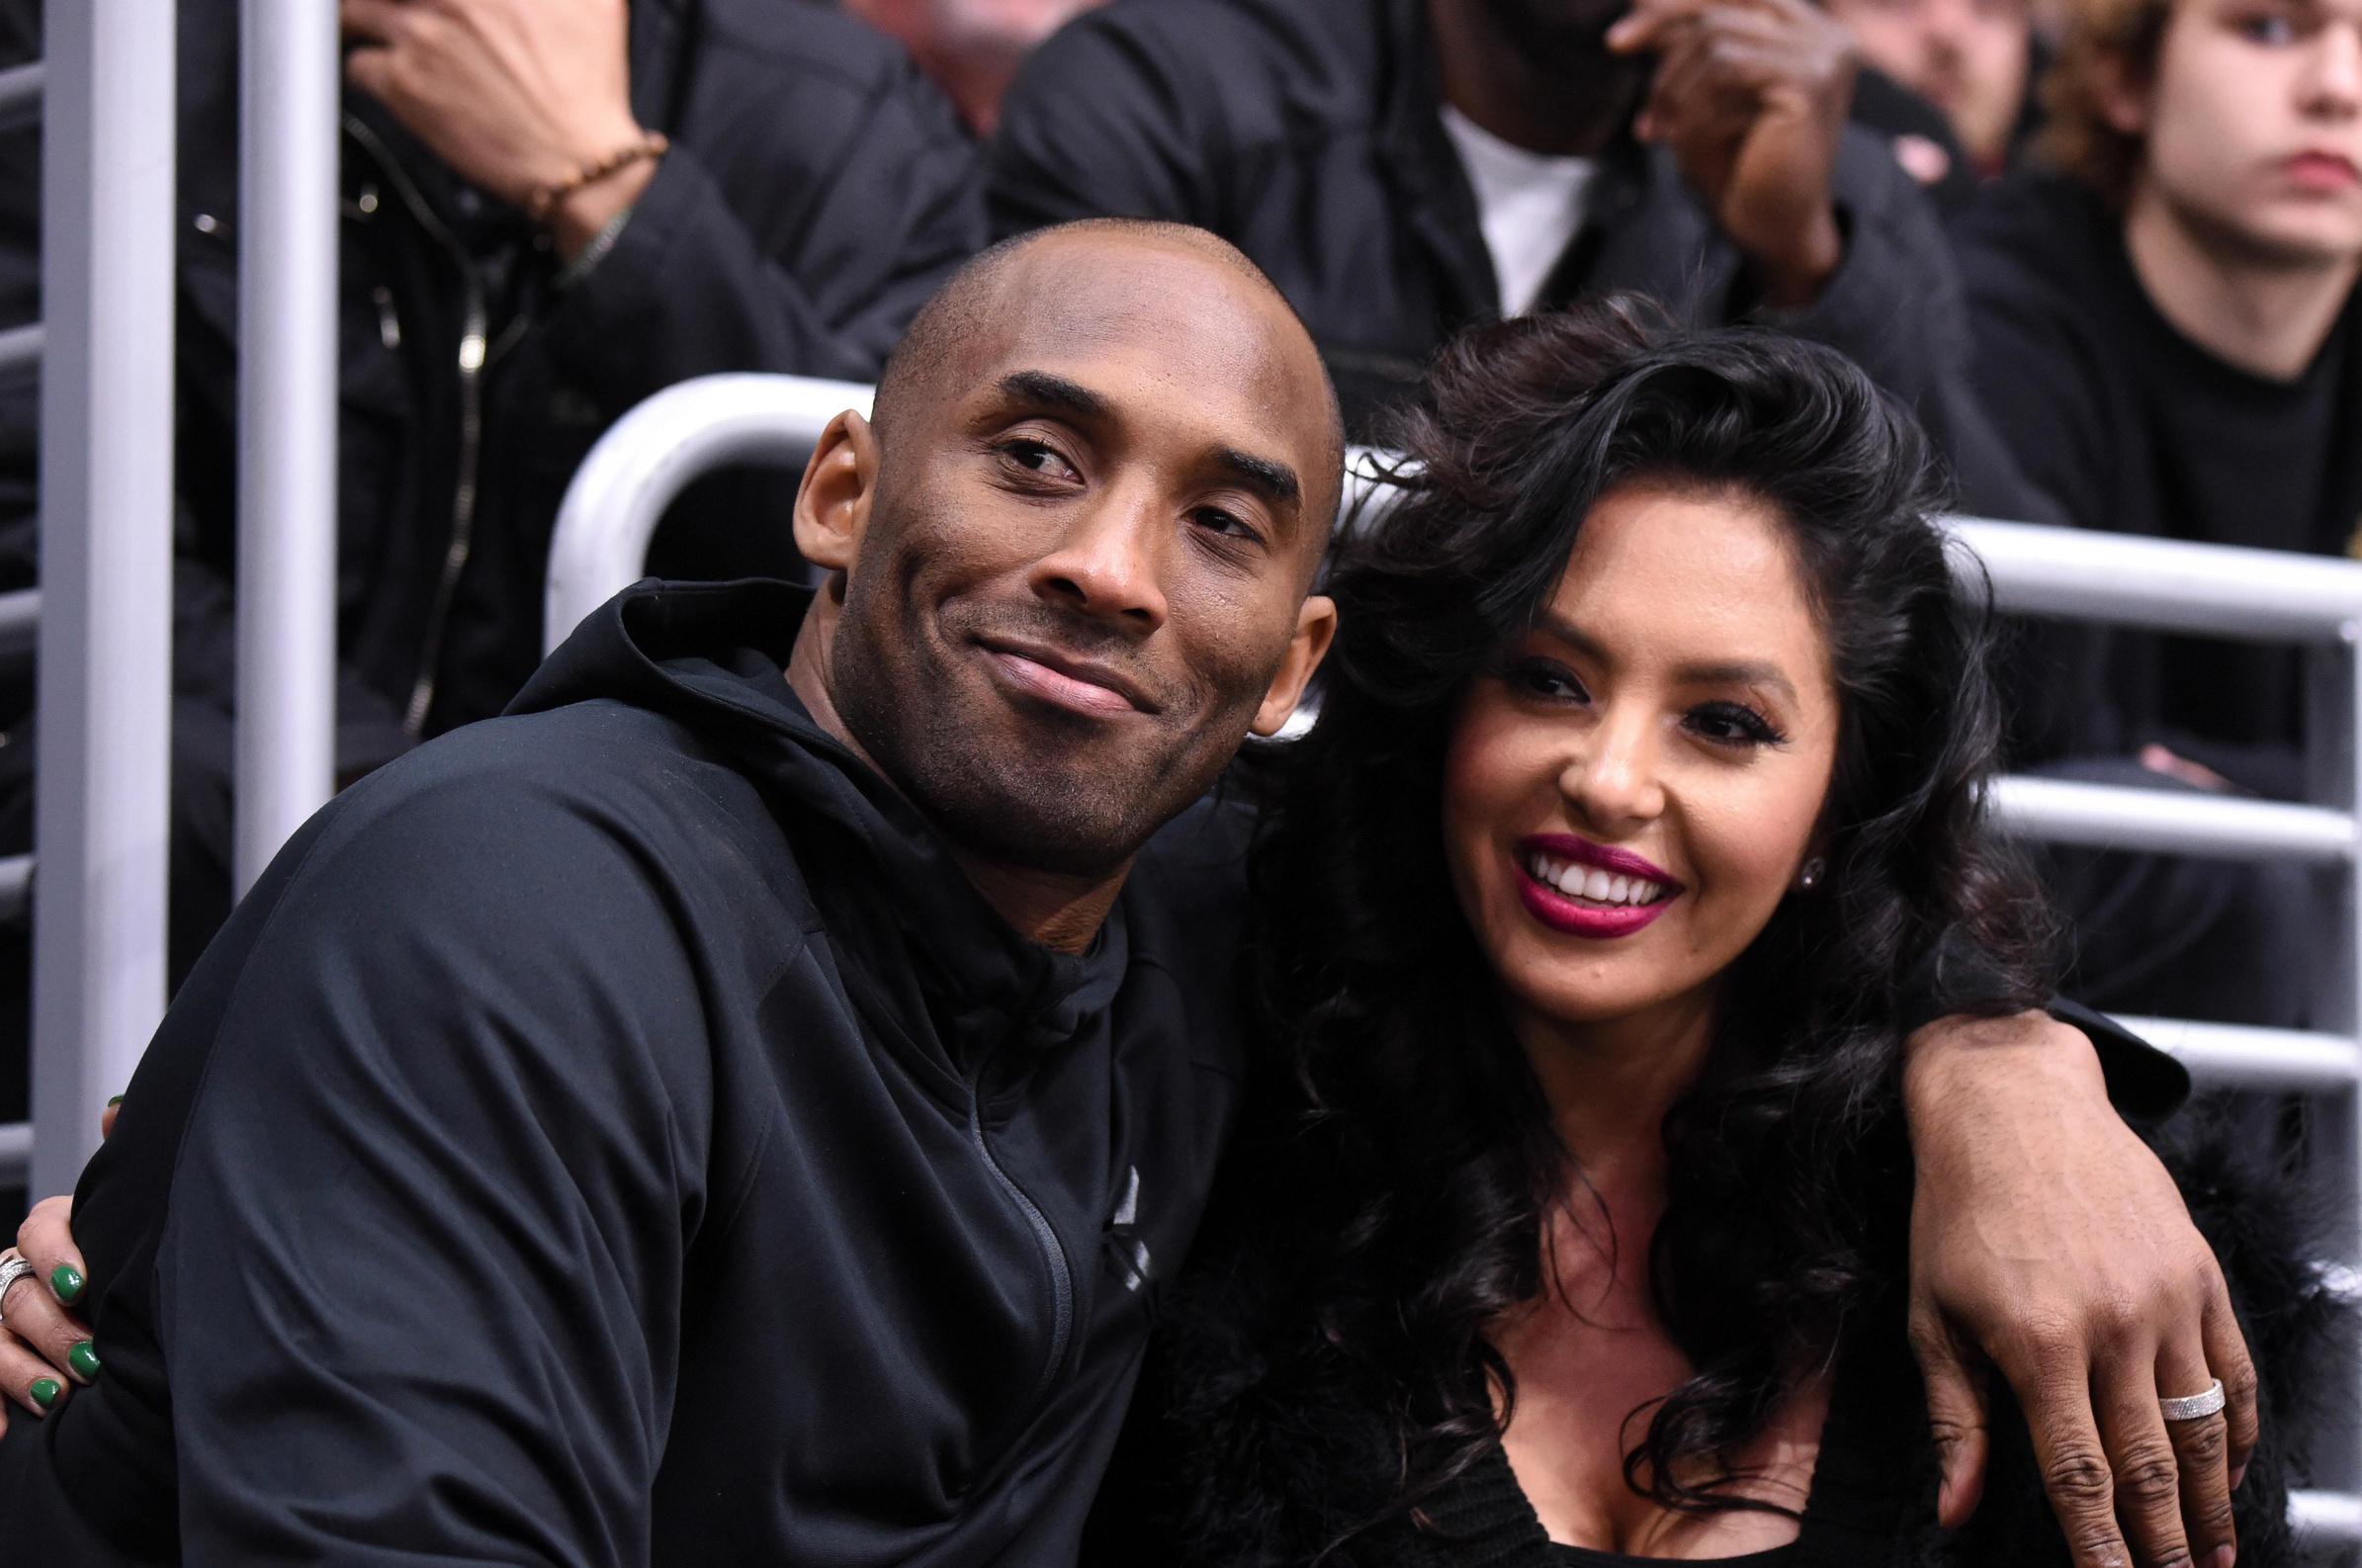 Kobe Bryant's widow to receive $200 million from BodyArmor